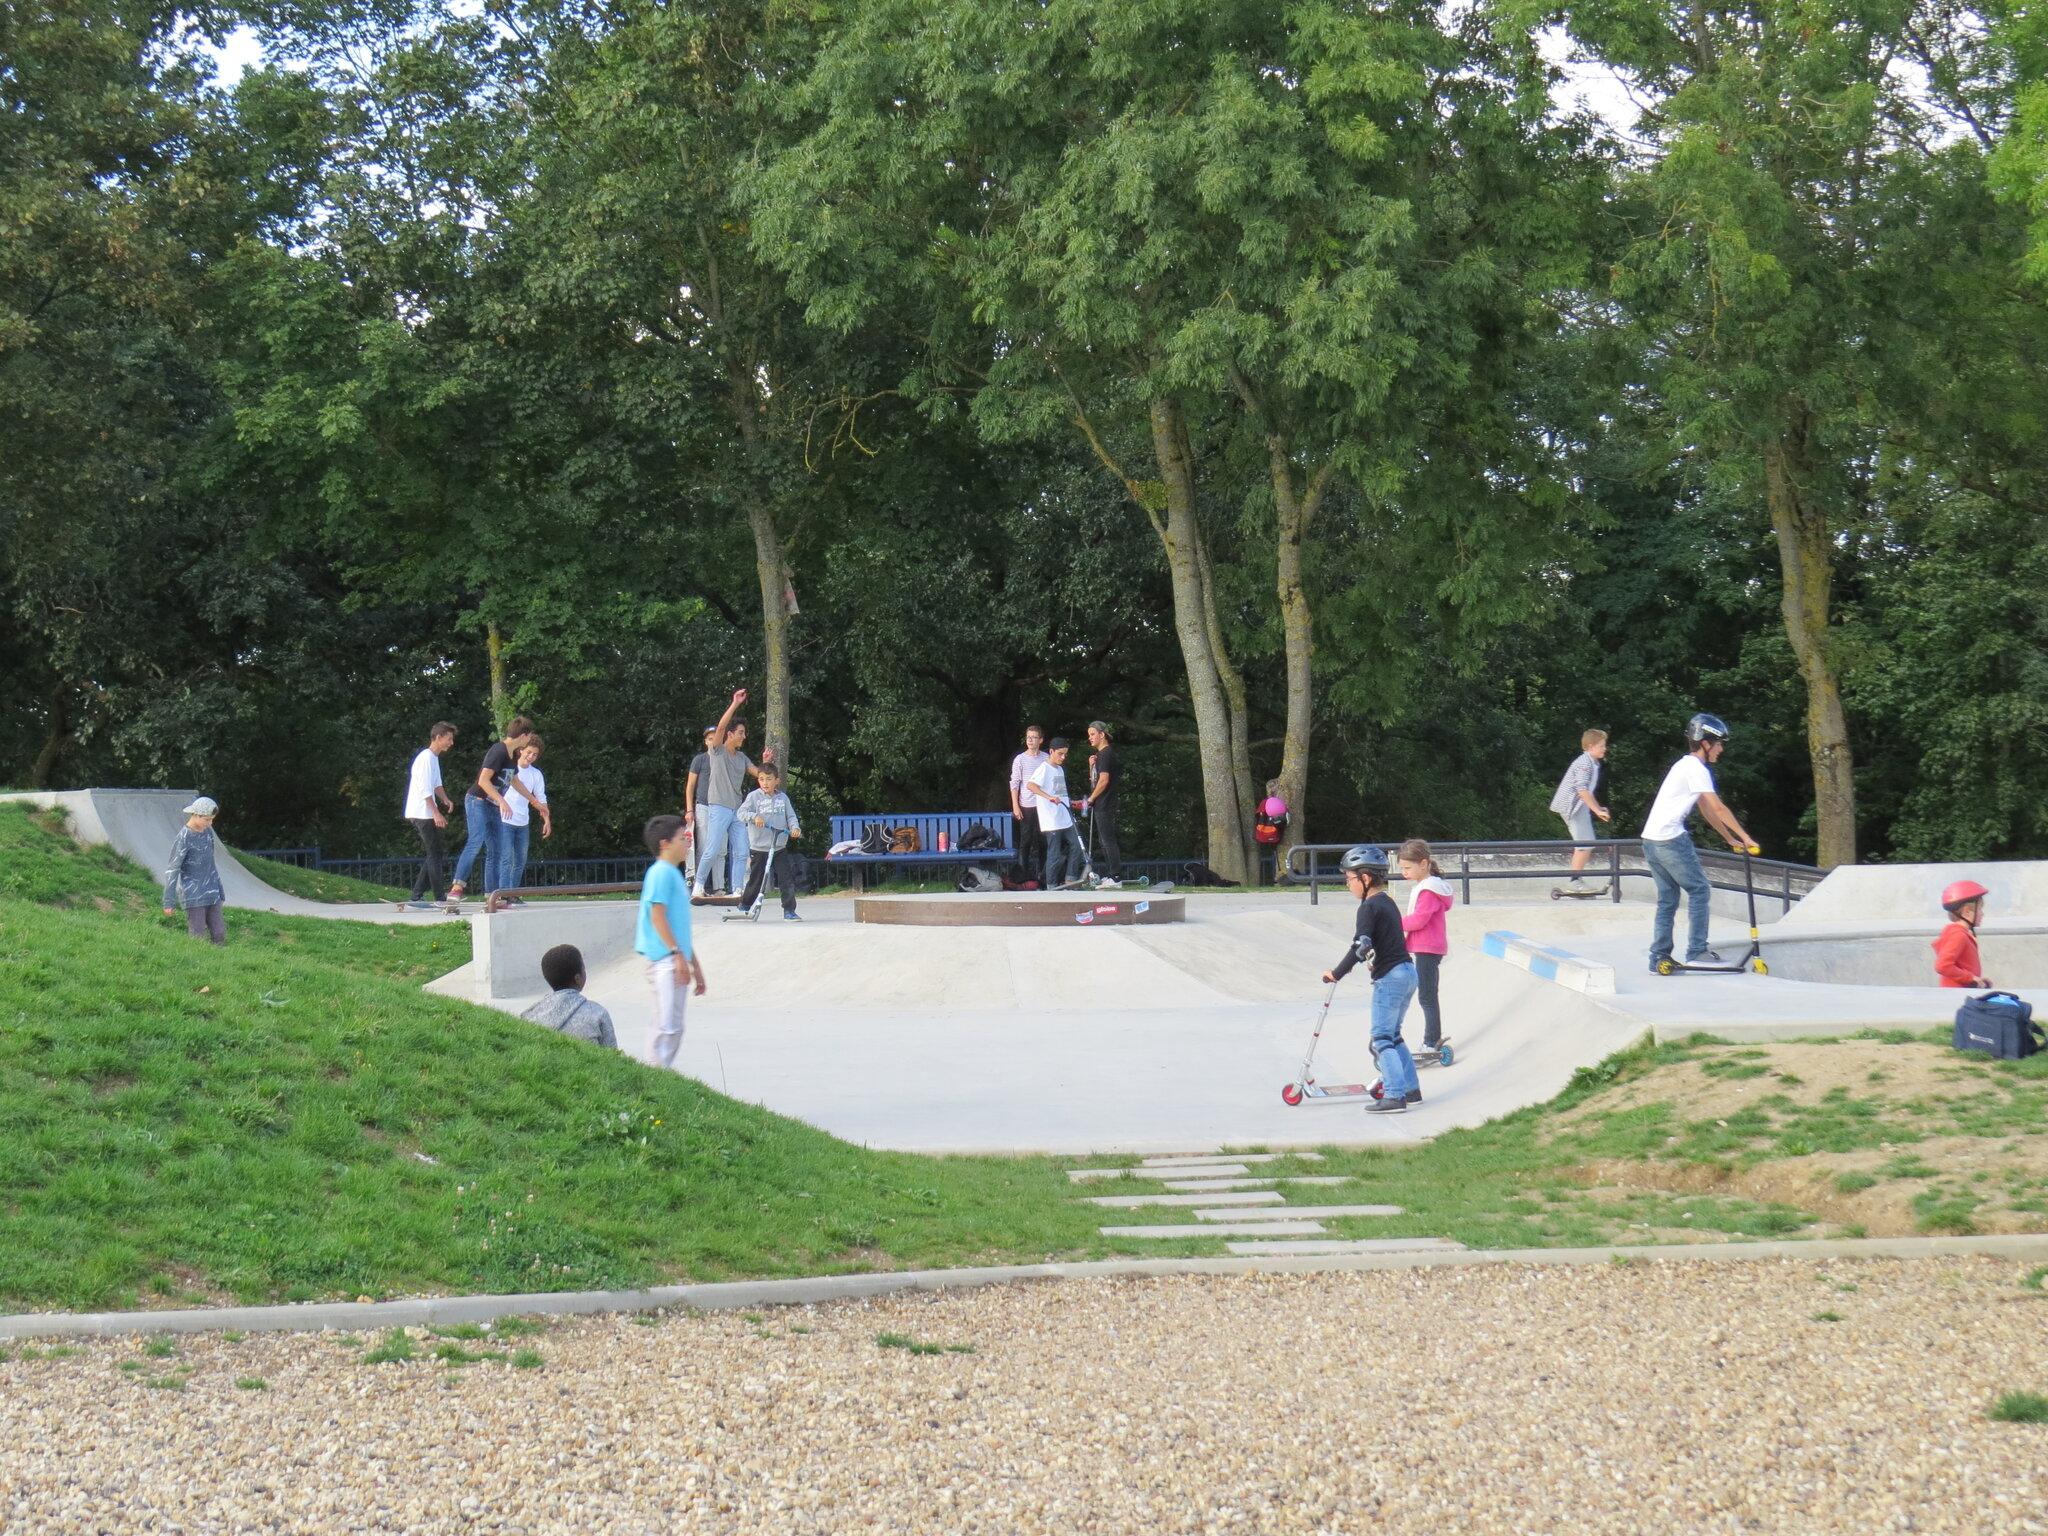 Skate park Plaine